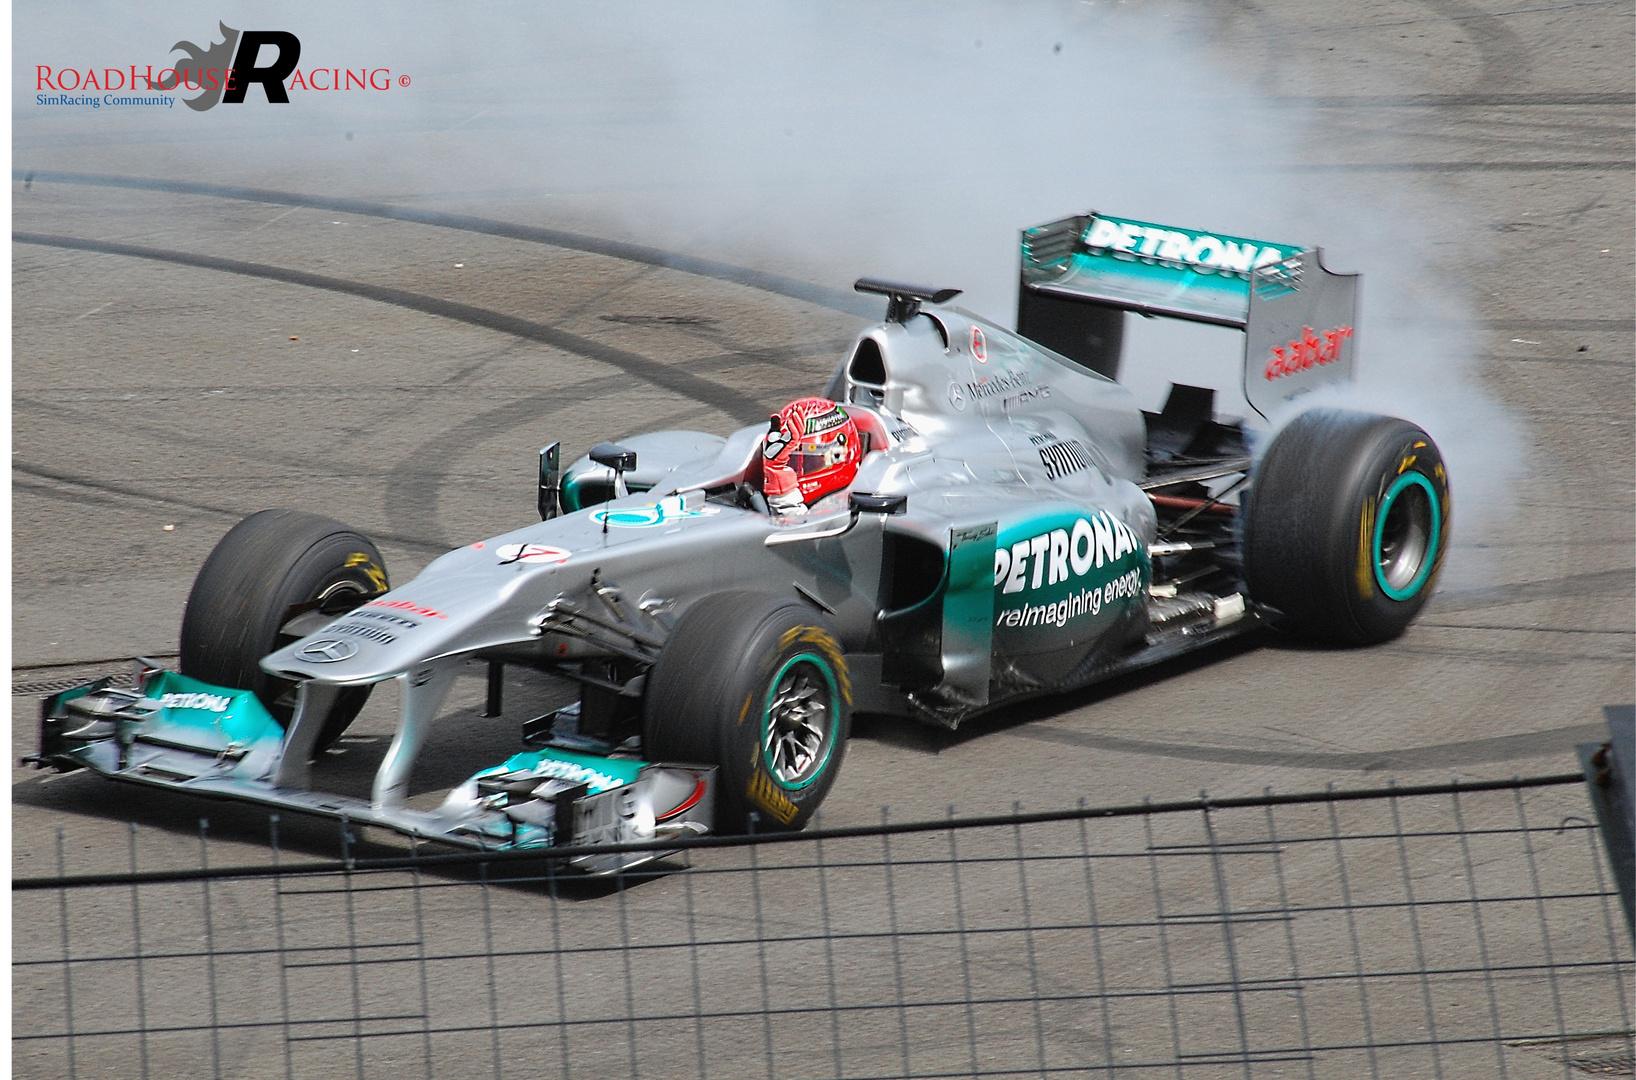 Michael Schumacher at Hockenheimring 2012 (presentation)